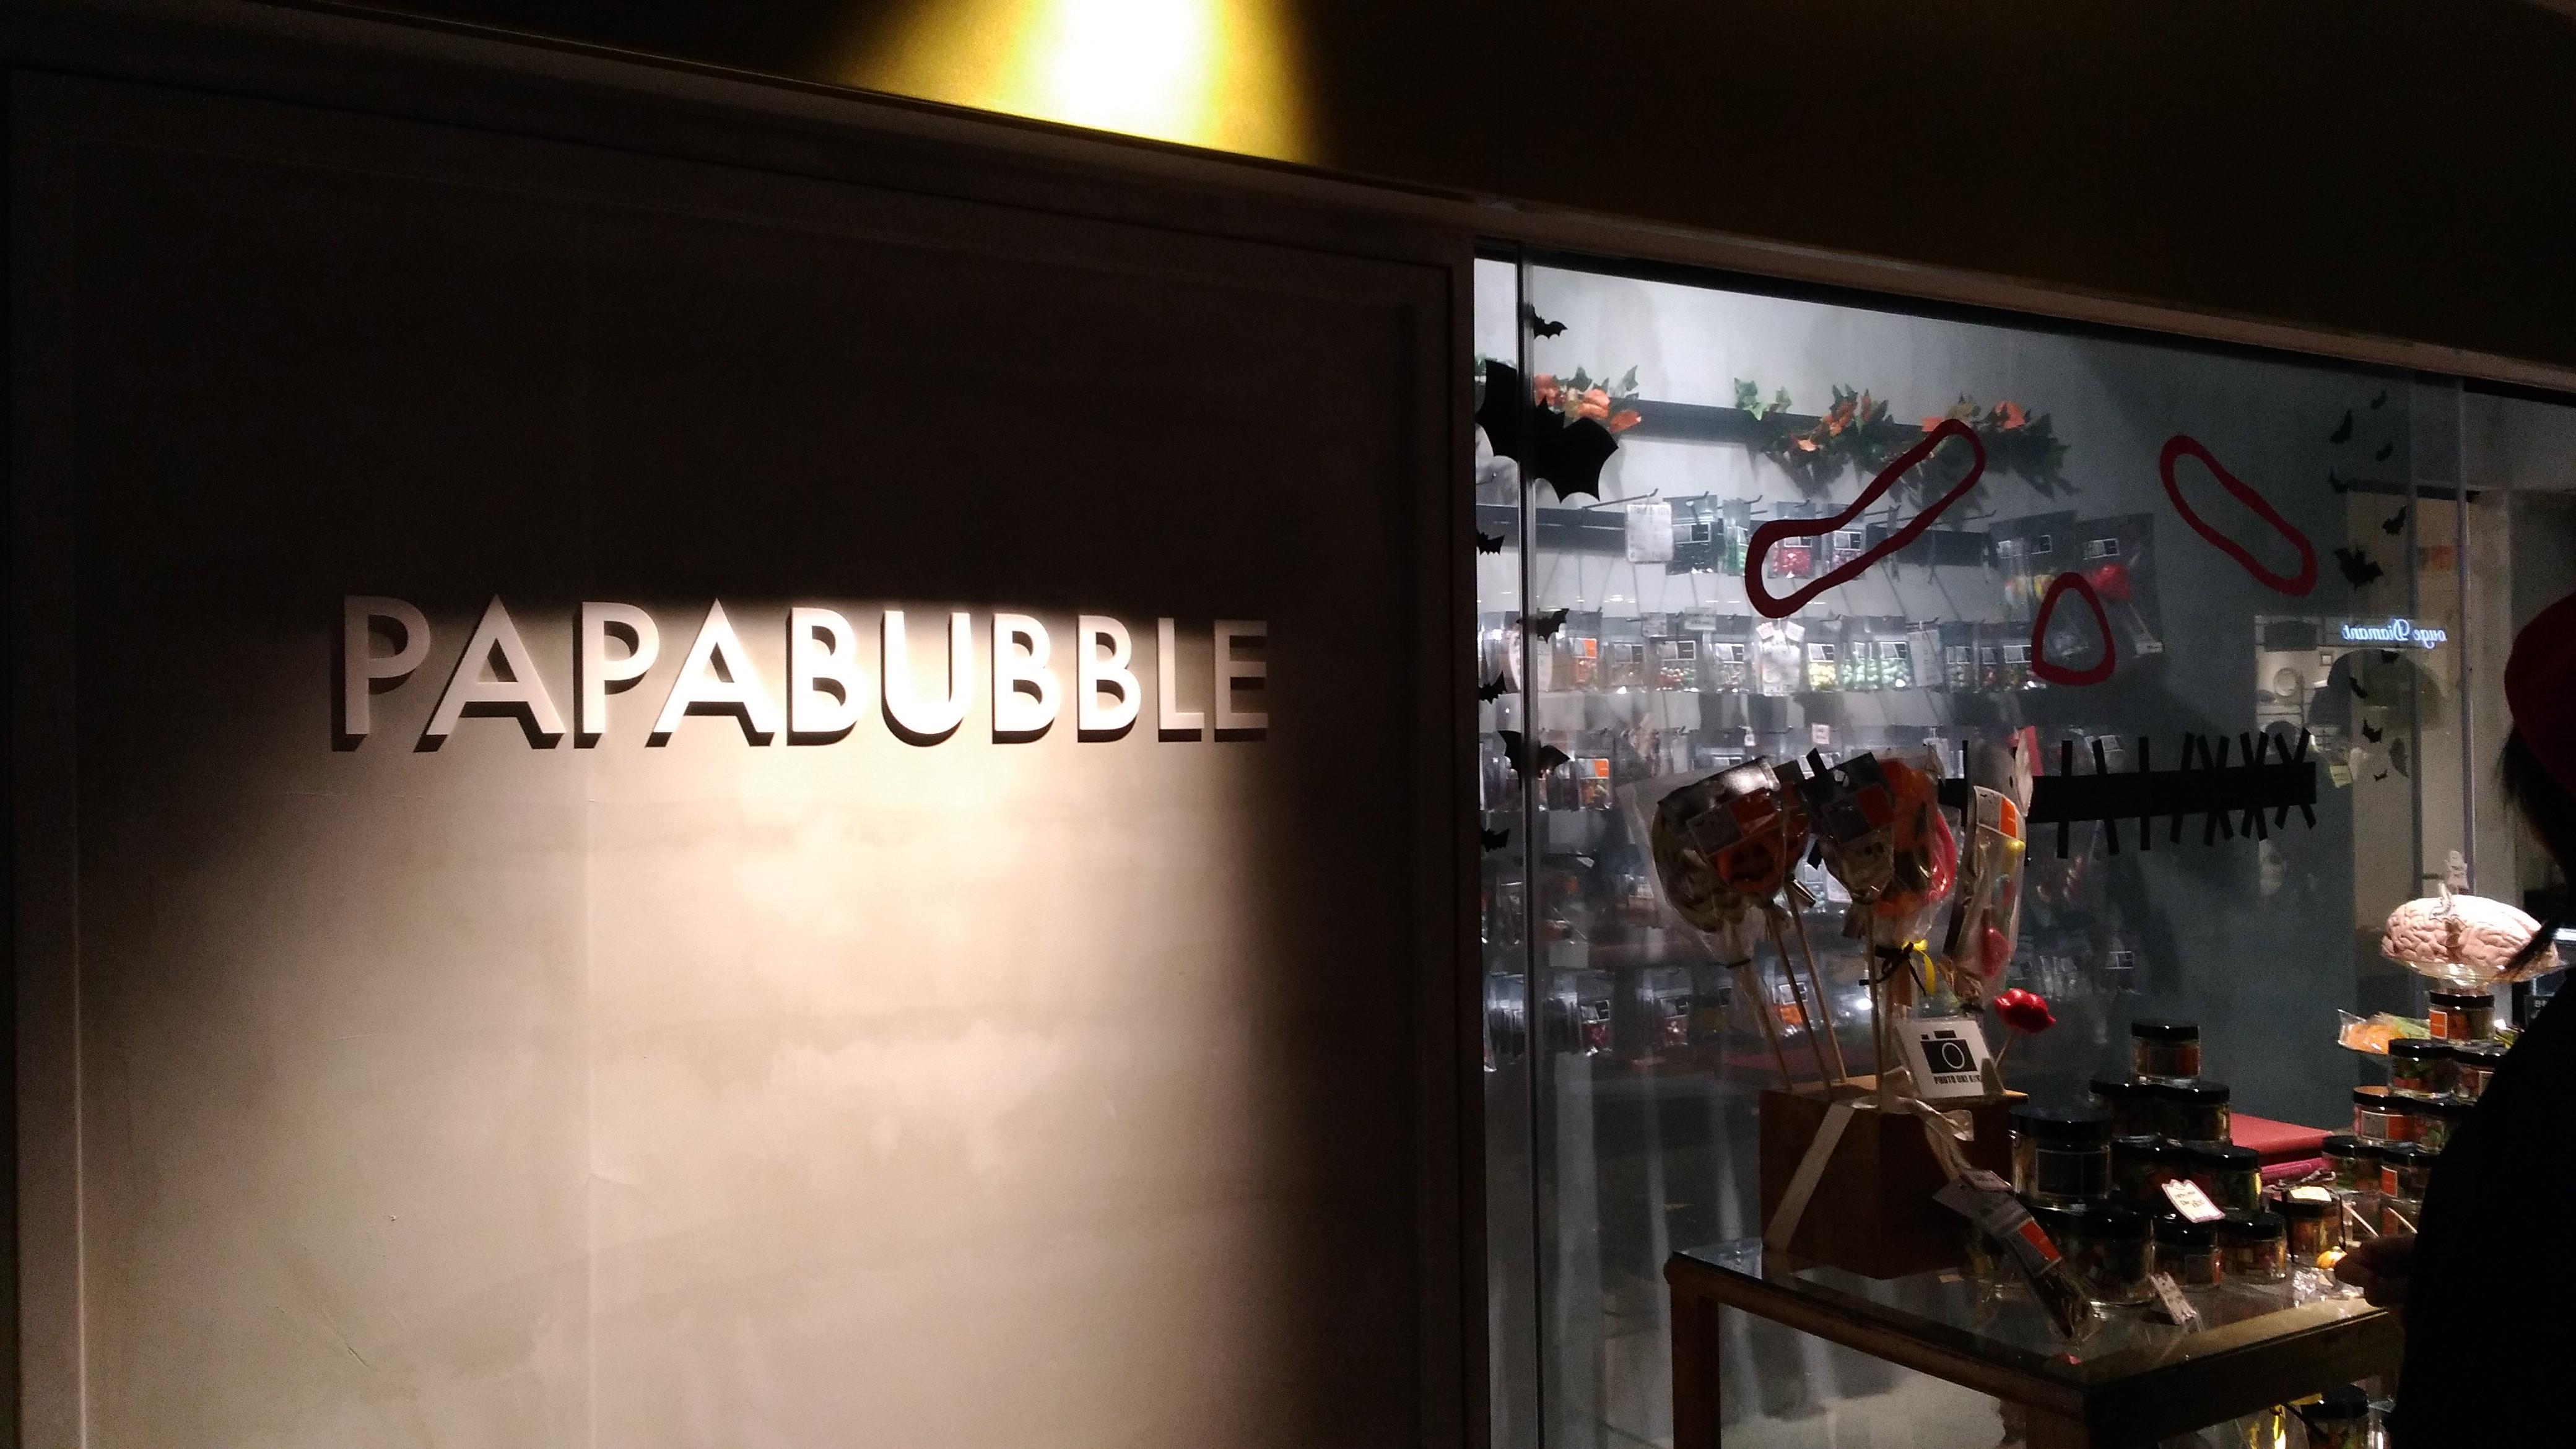 福岡天神でおもしろいお菓子屋さんを発見!